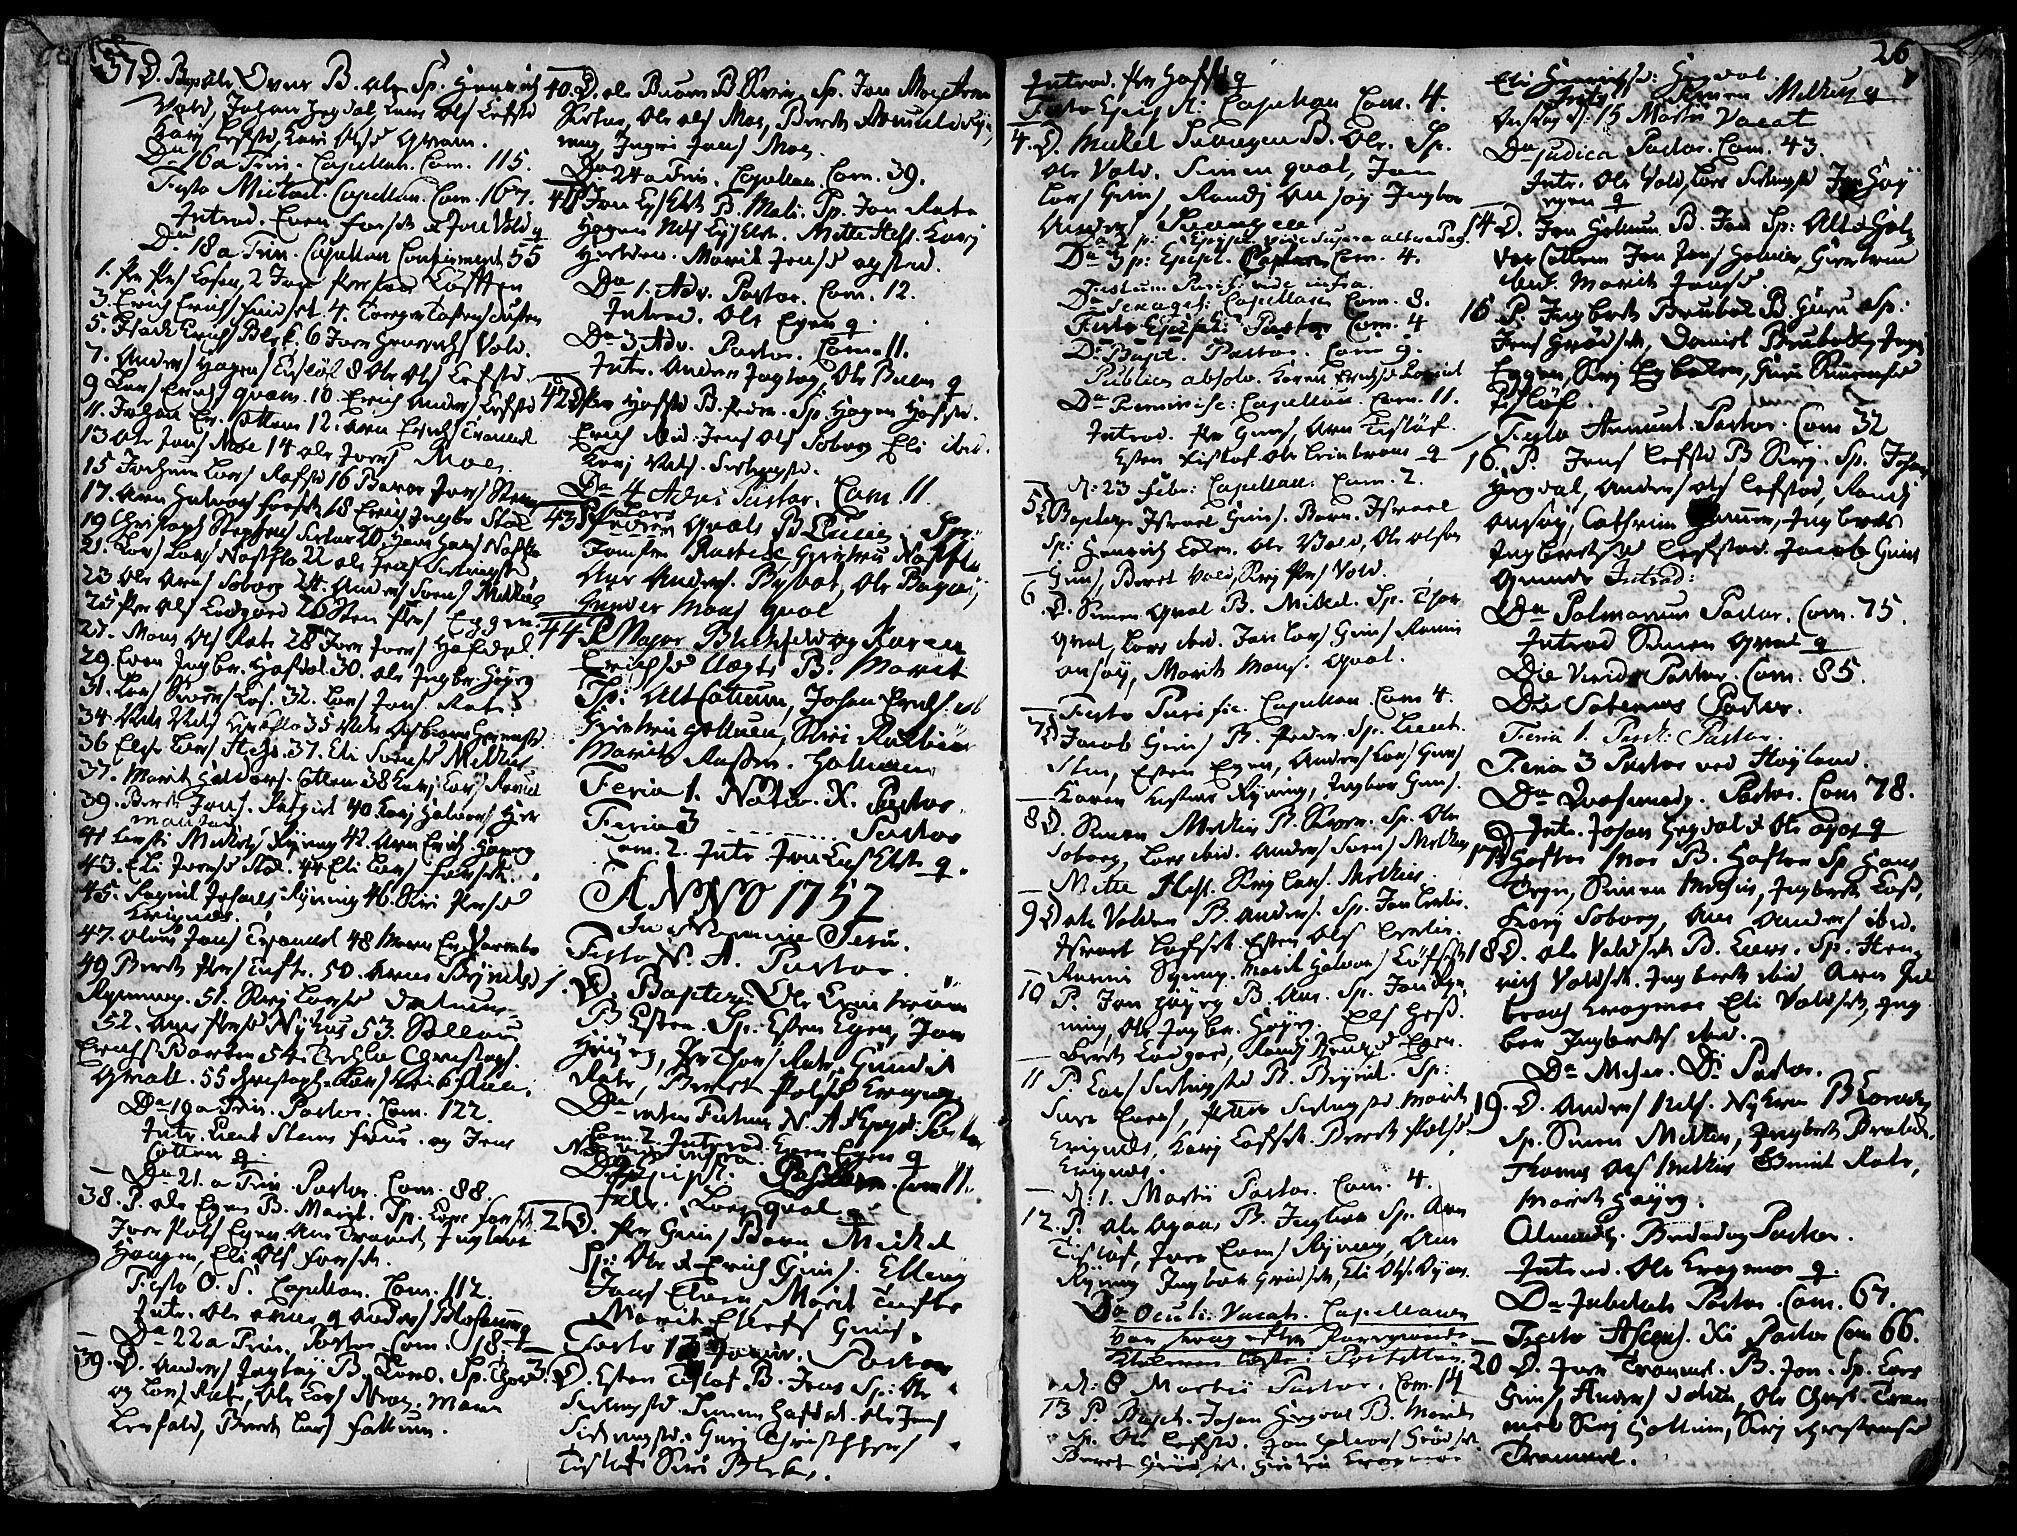 SAT, Ministerialprotokoller, klokkerbøker og fødselsregistre - Sør-Trøndelag, 691/L1057: Ministerialbok nr. 691A01 /1, 1740-1767, s. 26